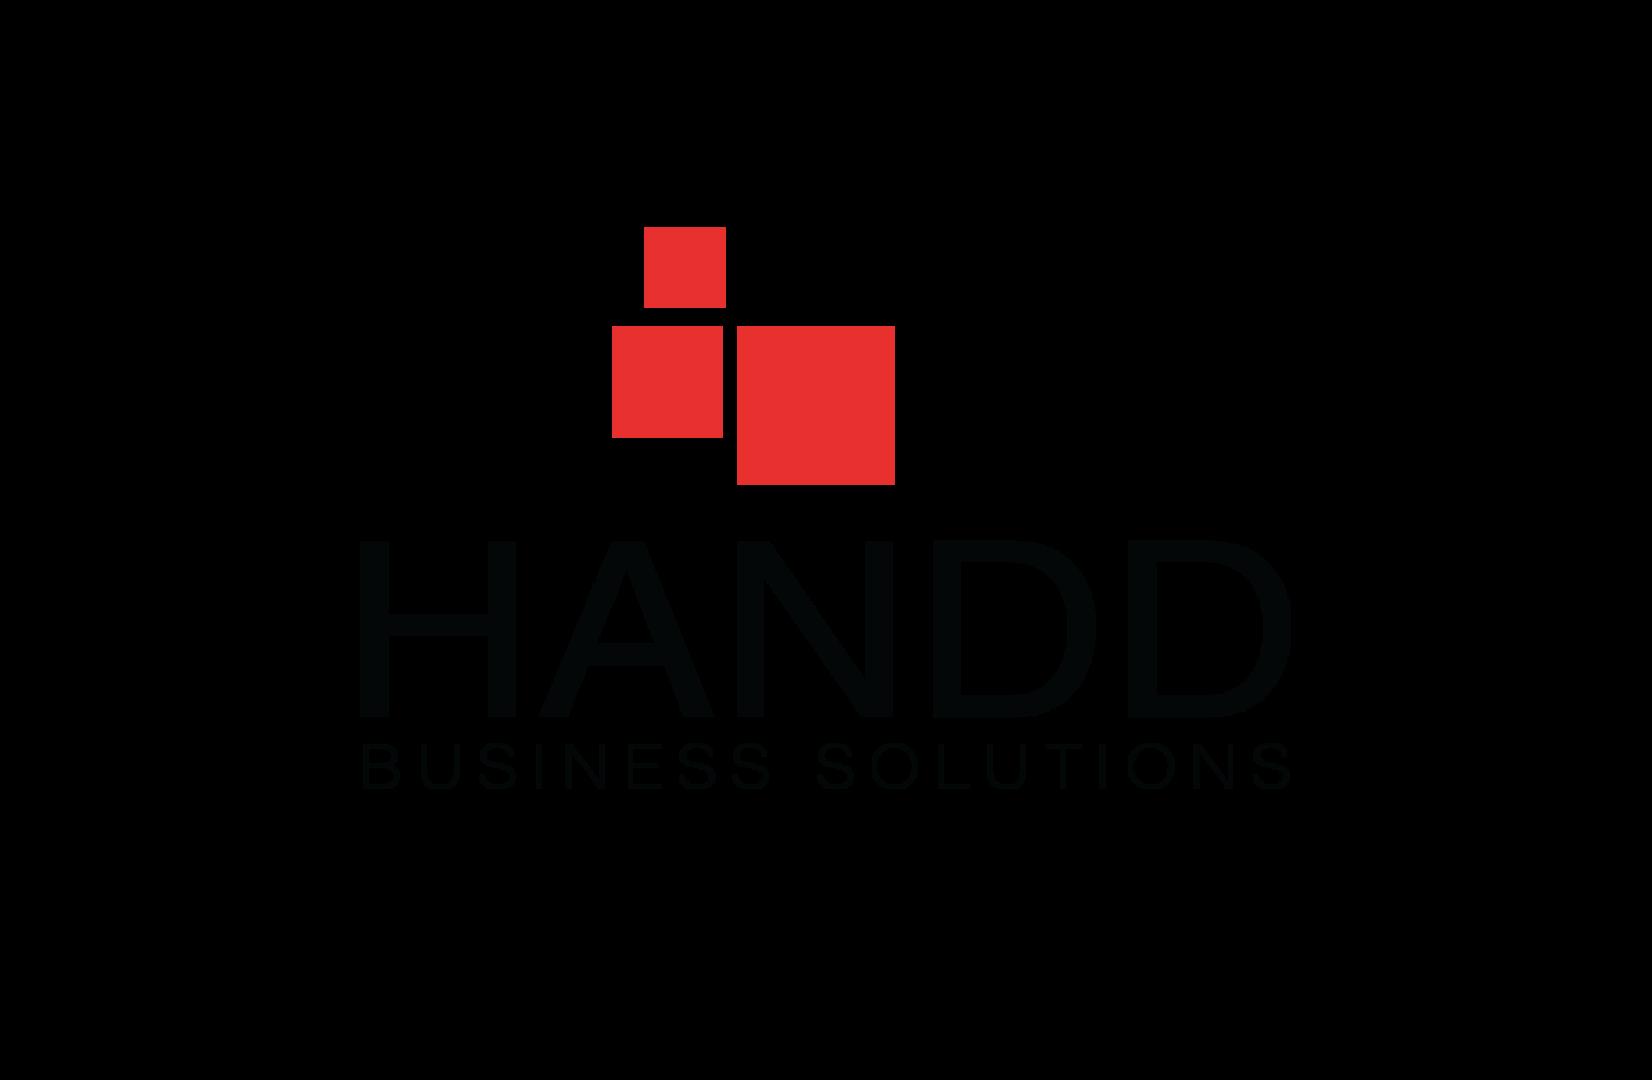 HANDD logo